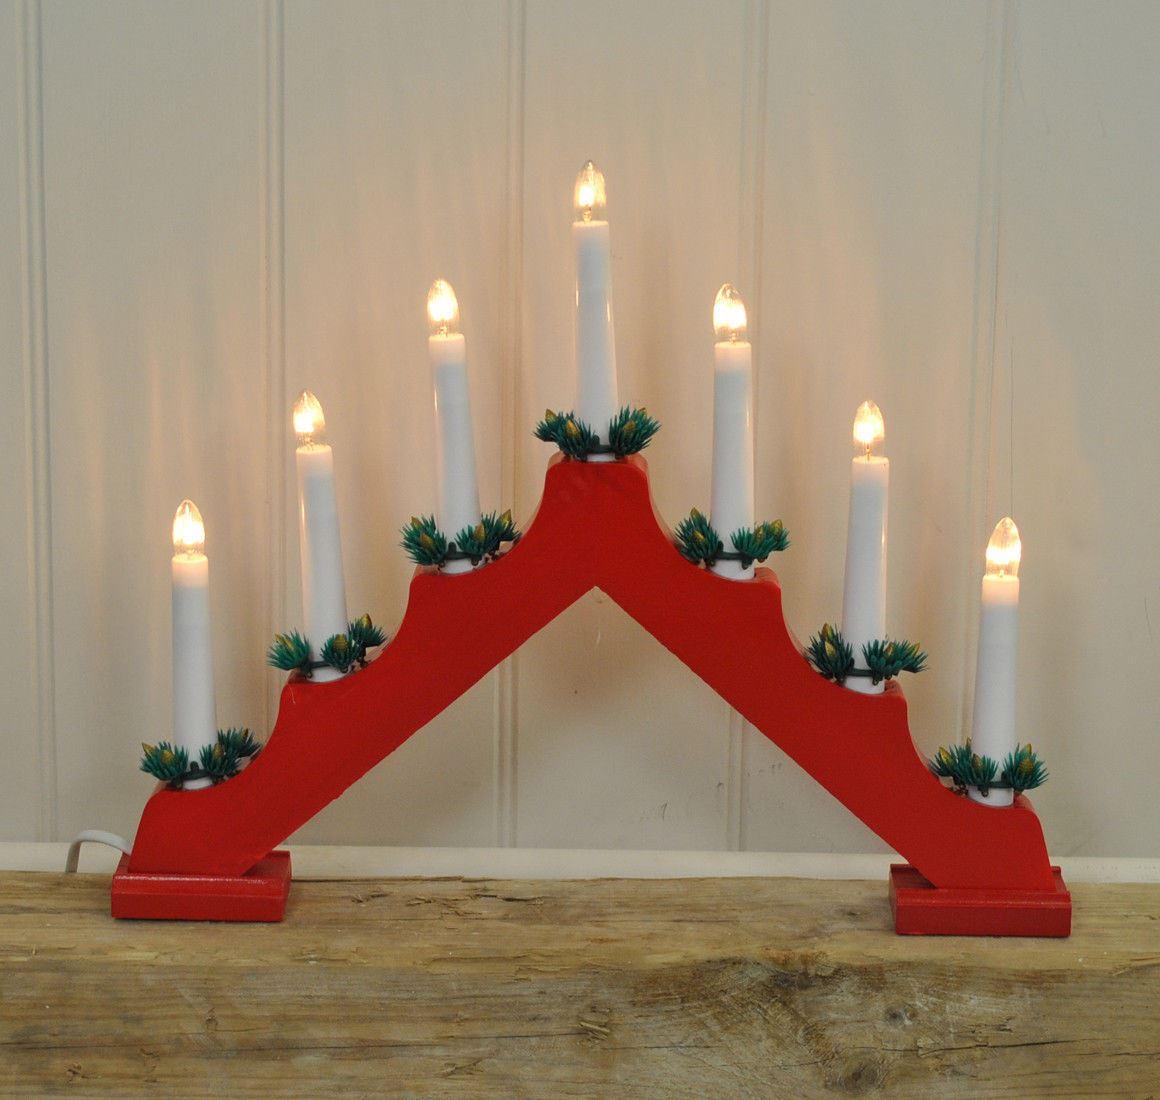 Natale-Natale-Decorazione-da-finestra-ad-arco-in-Legno-Candela-Ponte-Luce-Decor-7-Lampadine miniatura 6